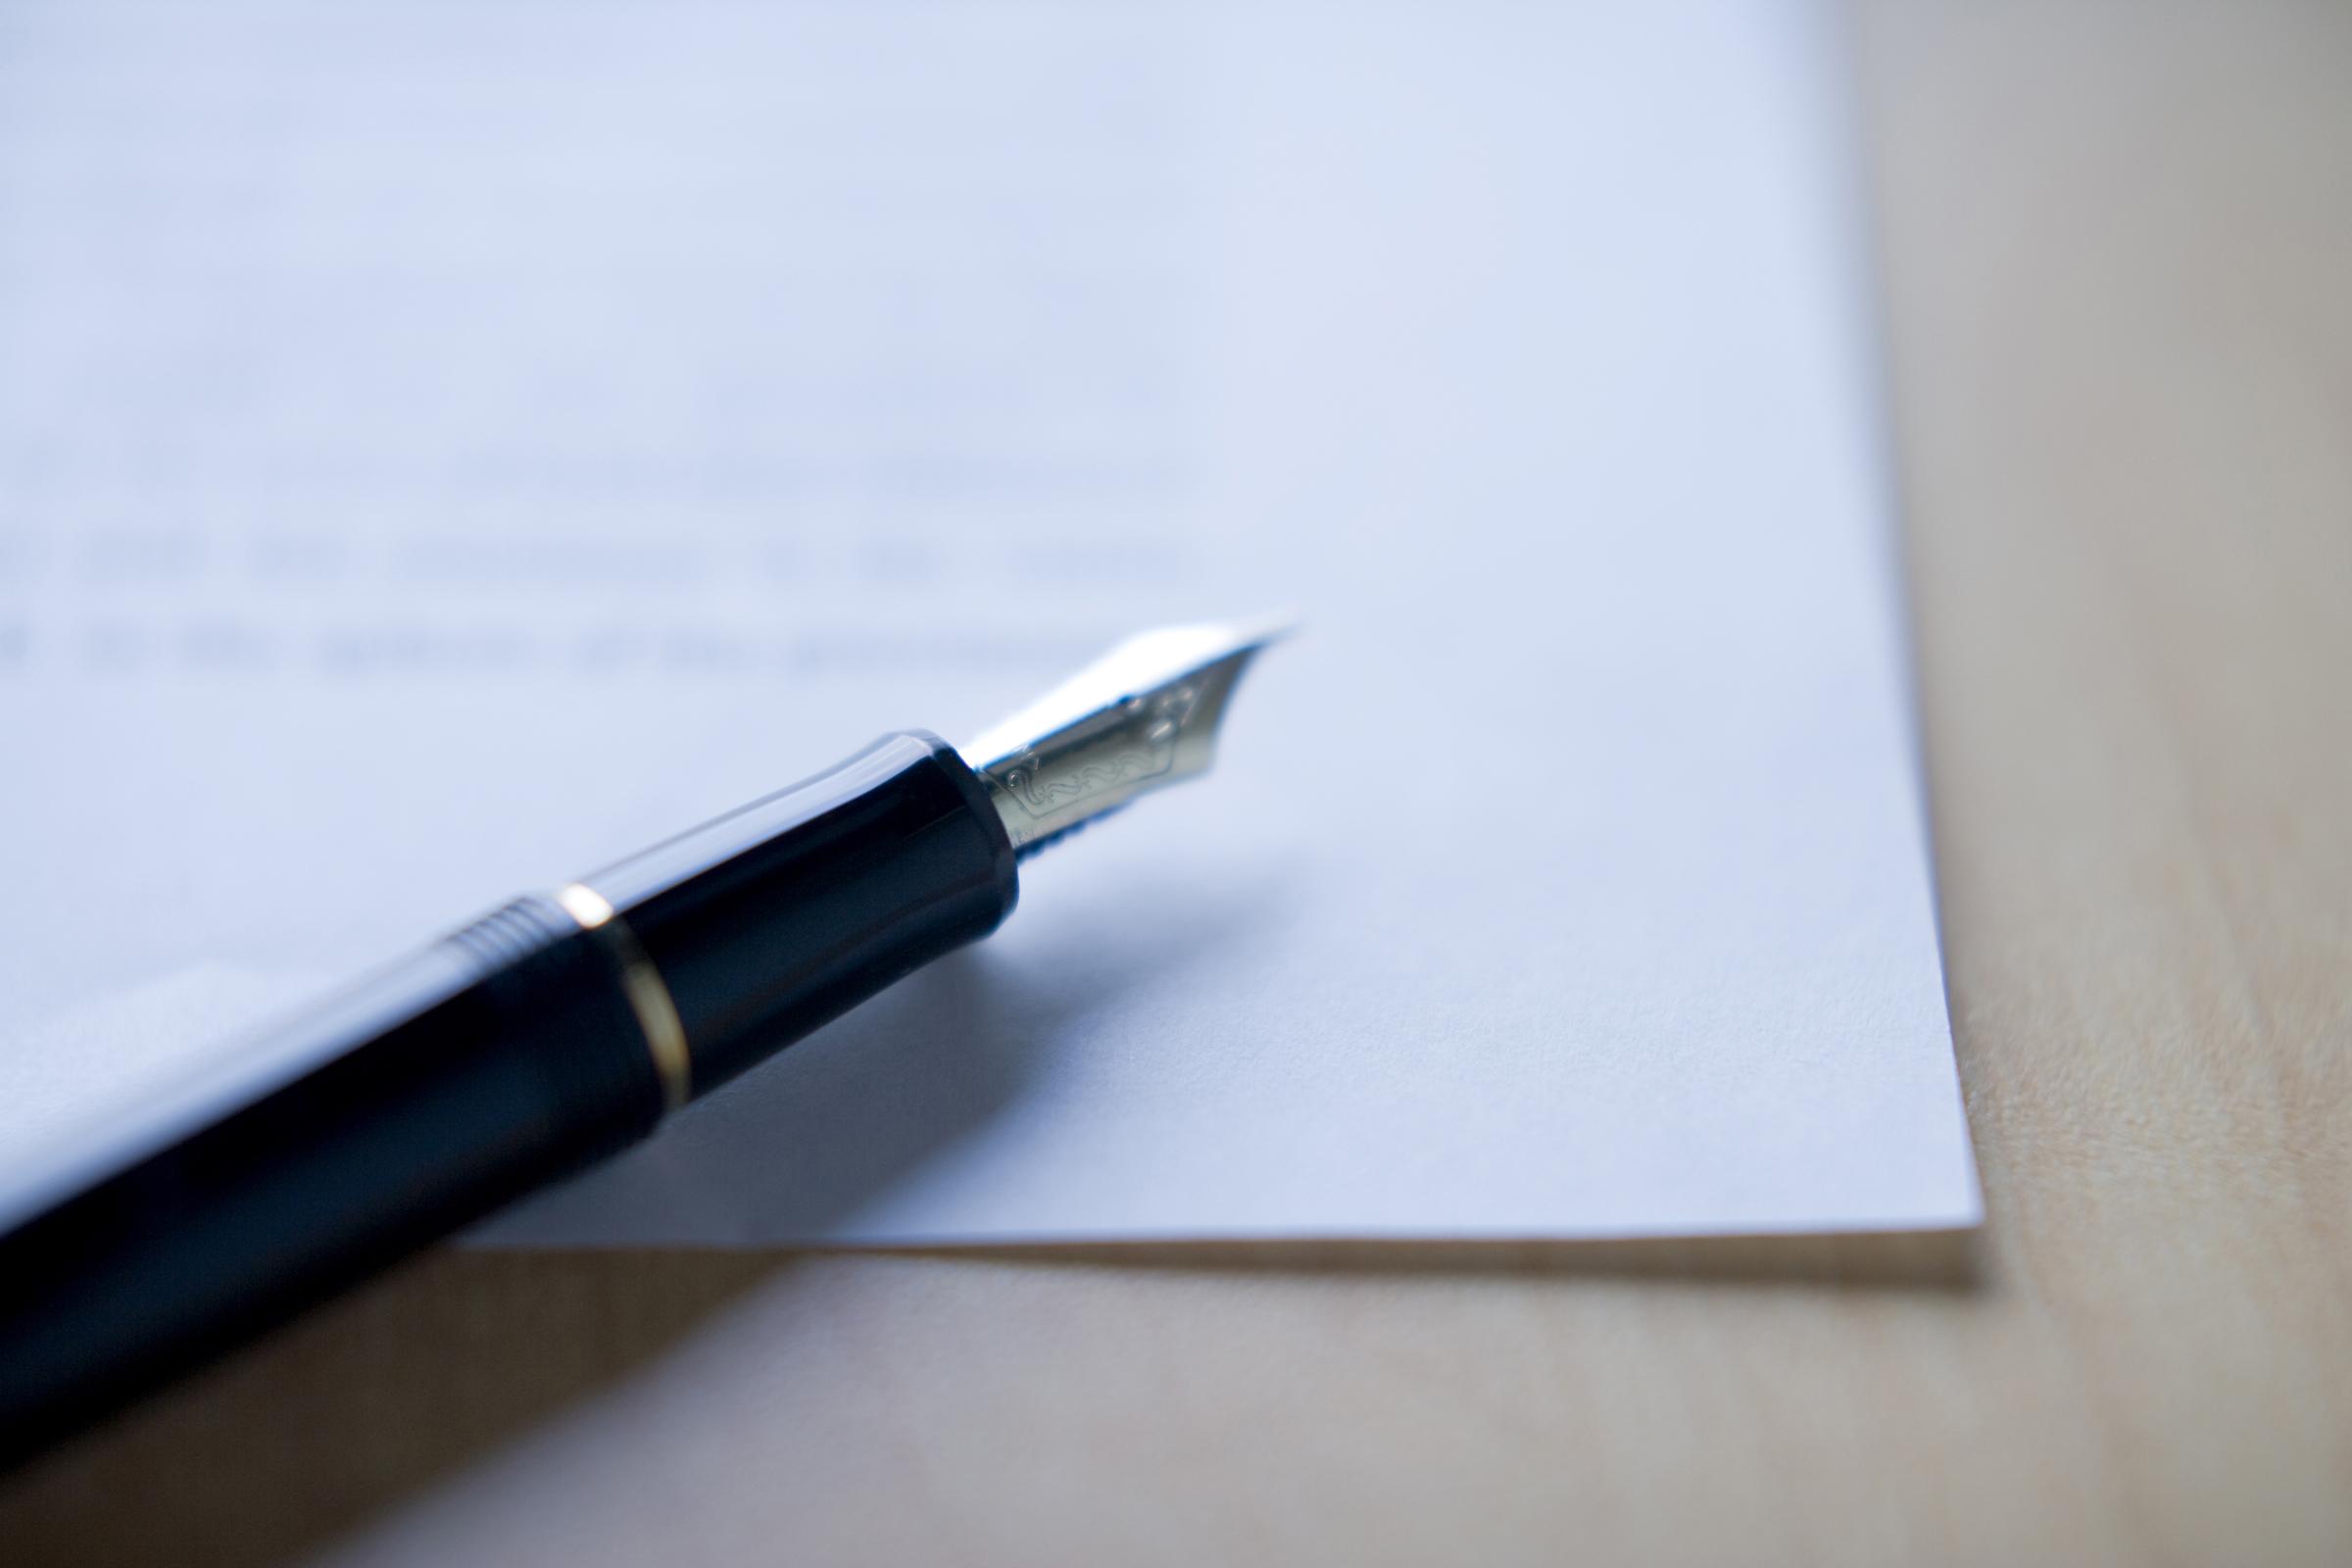 簡易裁判所・地方裁判所に提出する書類の作成